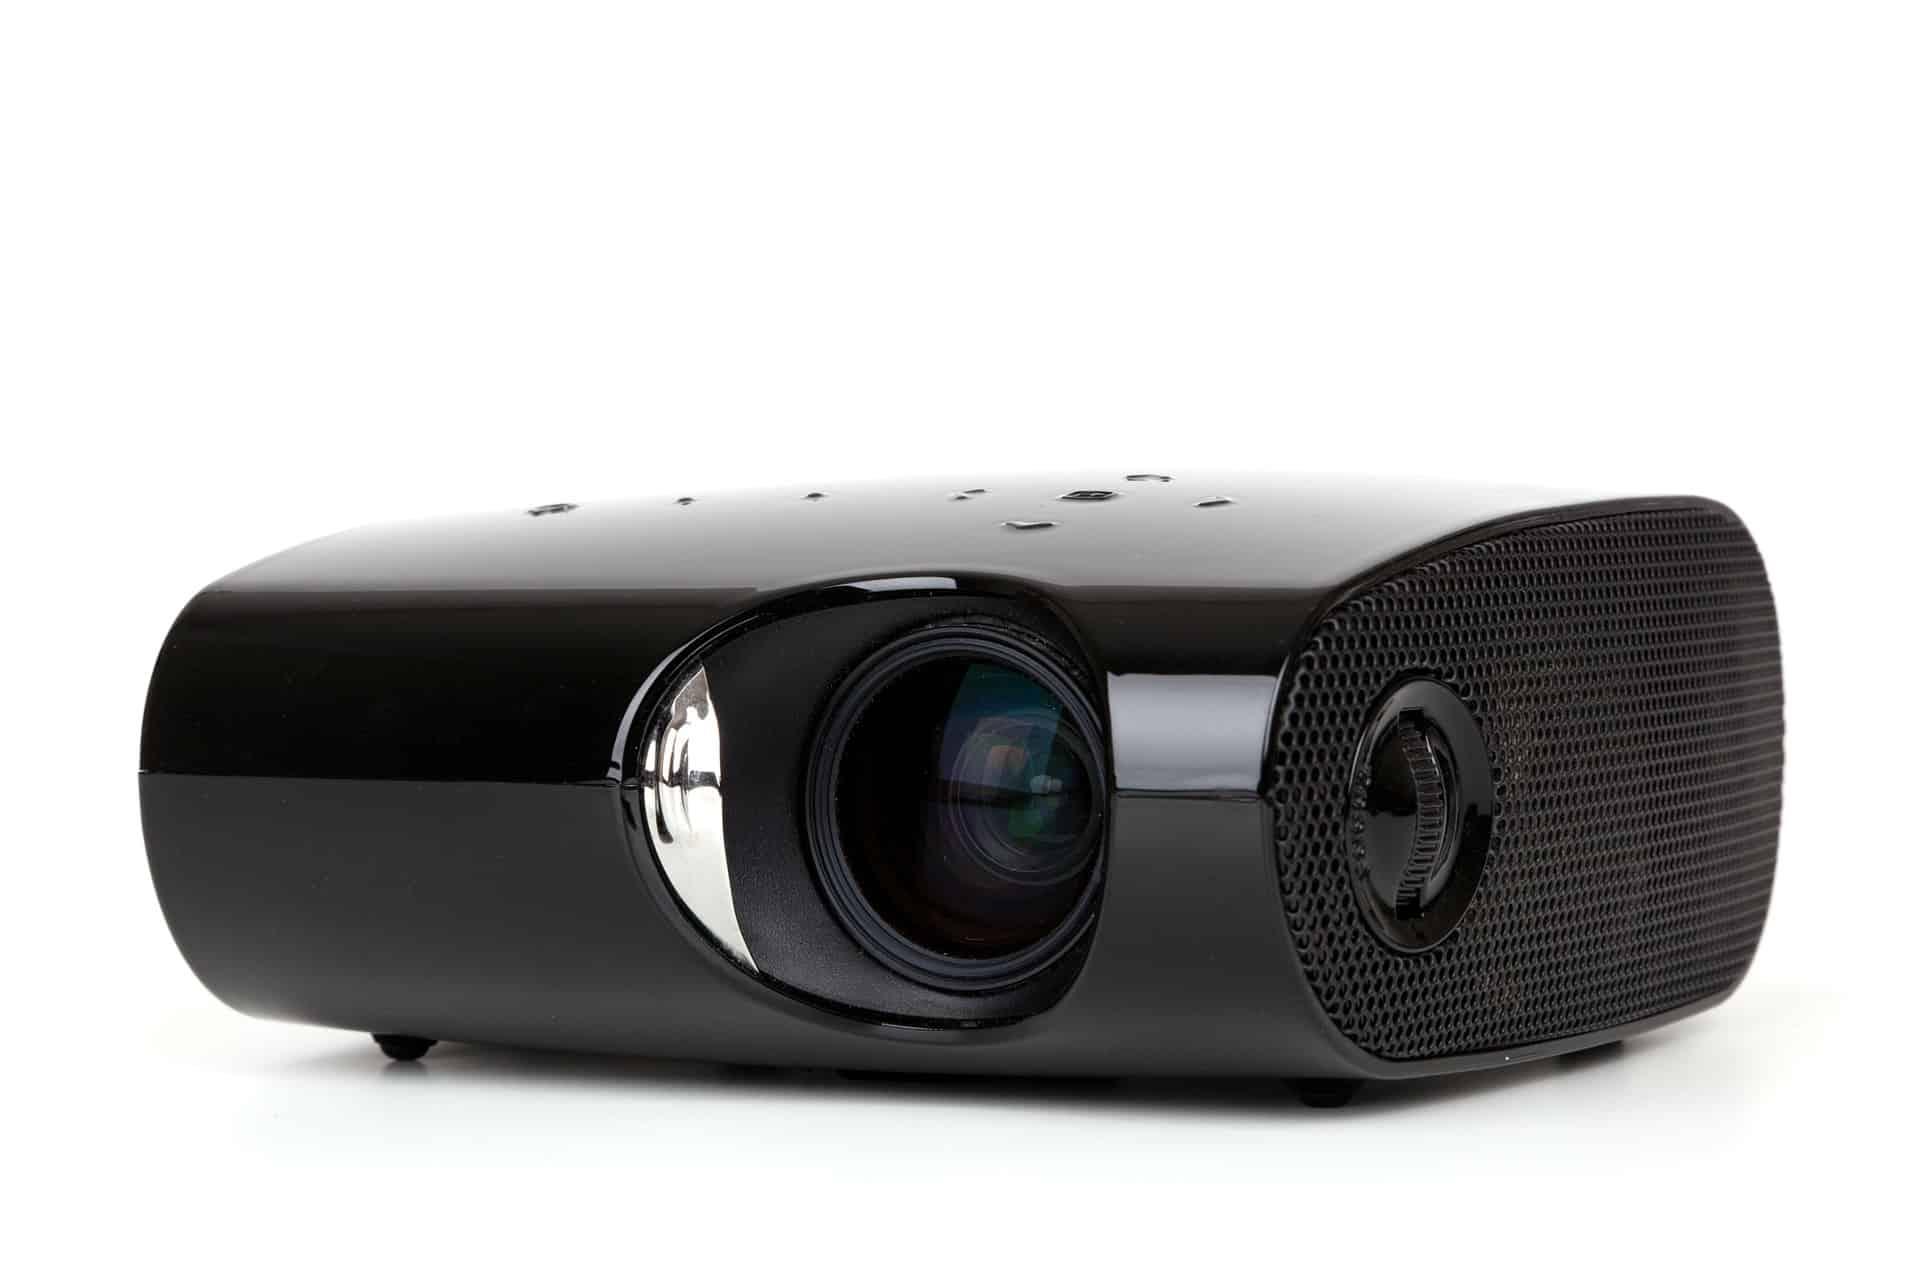 Imagem de projetor preto sobre superfície branca.